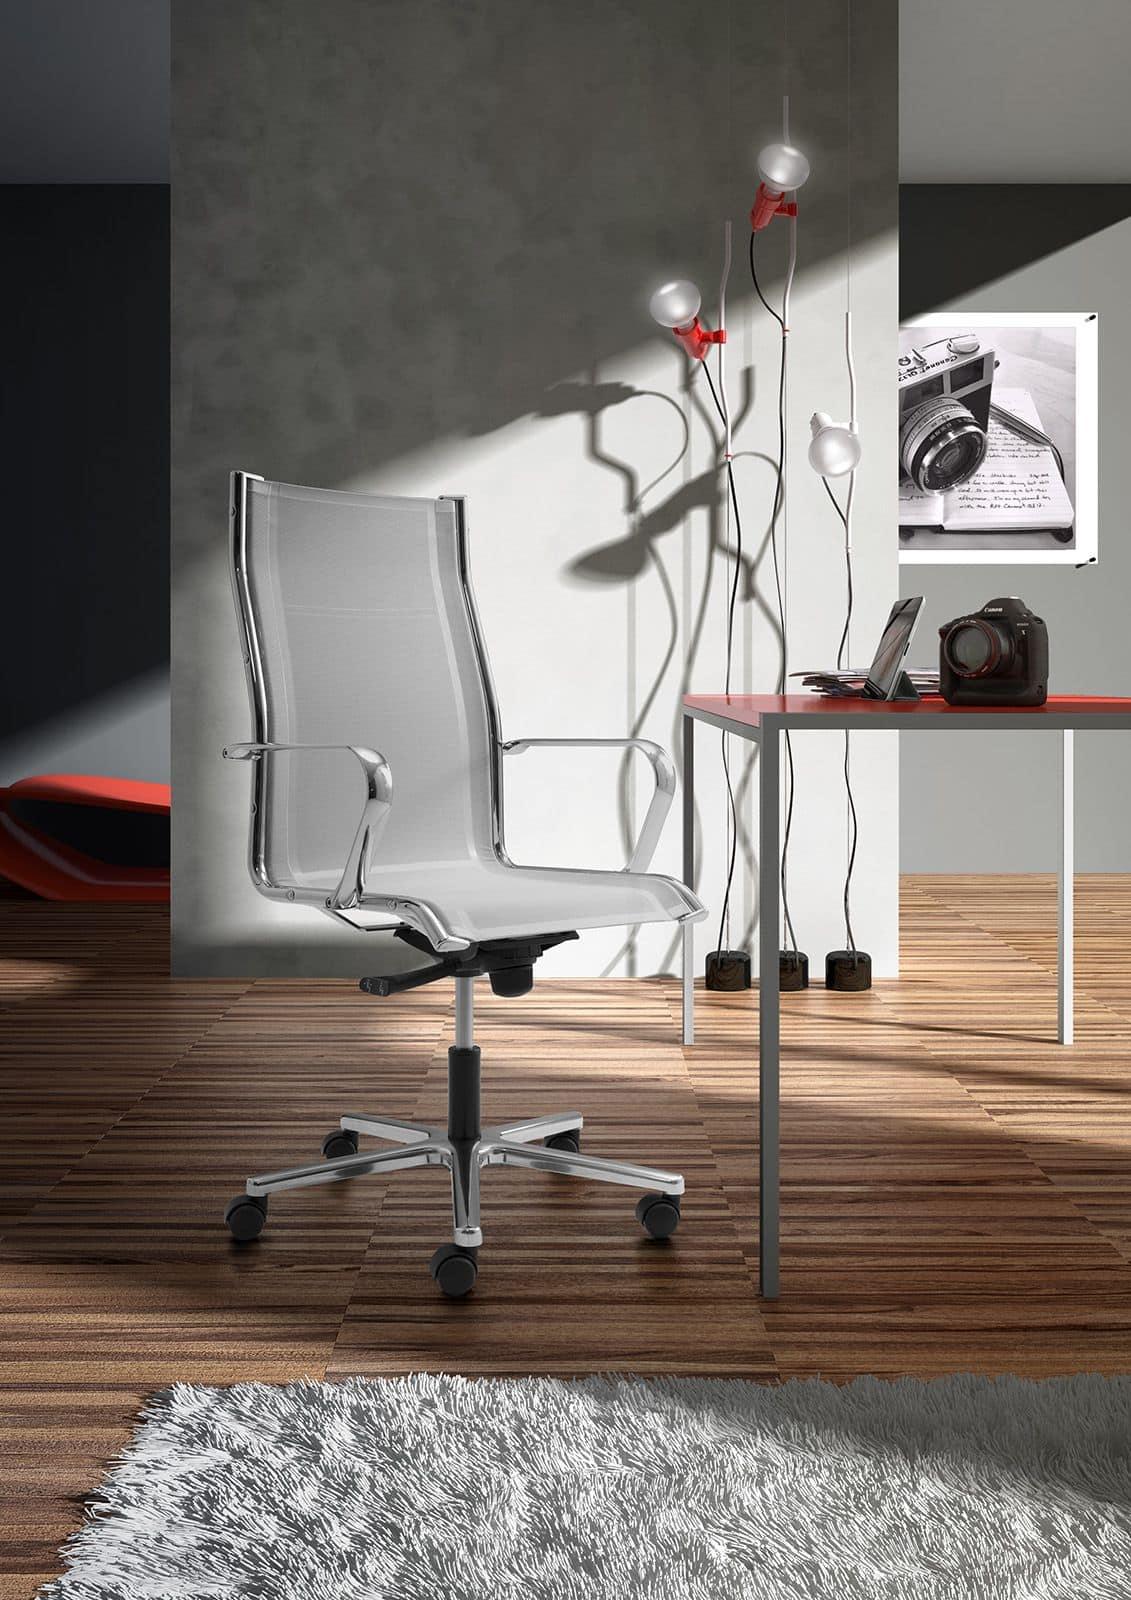 Origami RE presidenziale 70211, Poltrona per ufficio con sedia e schienale in rete